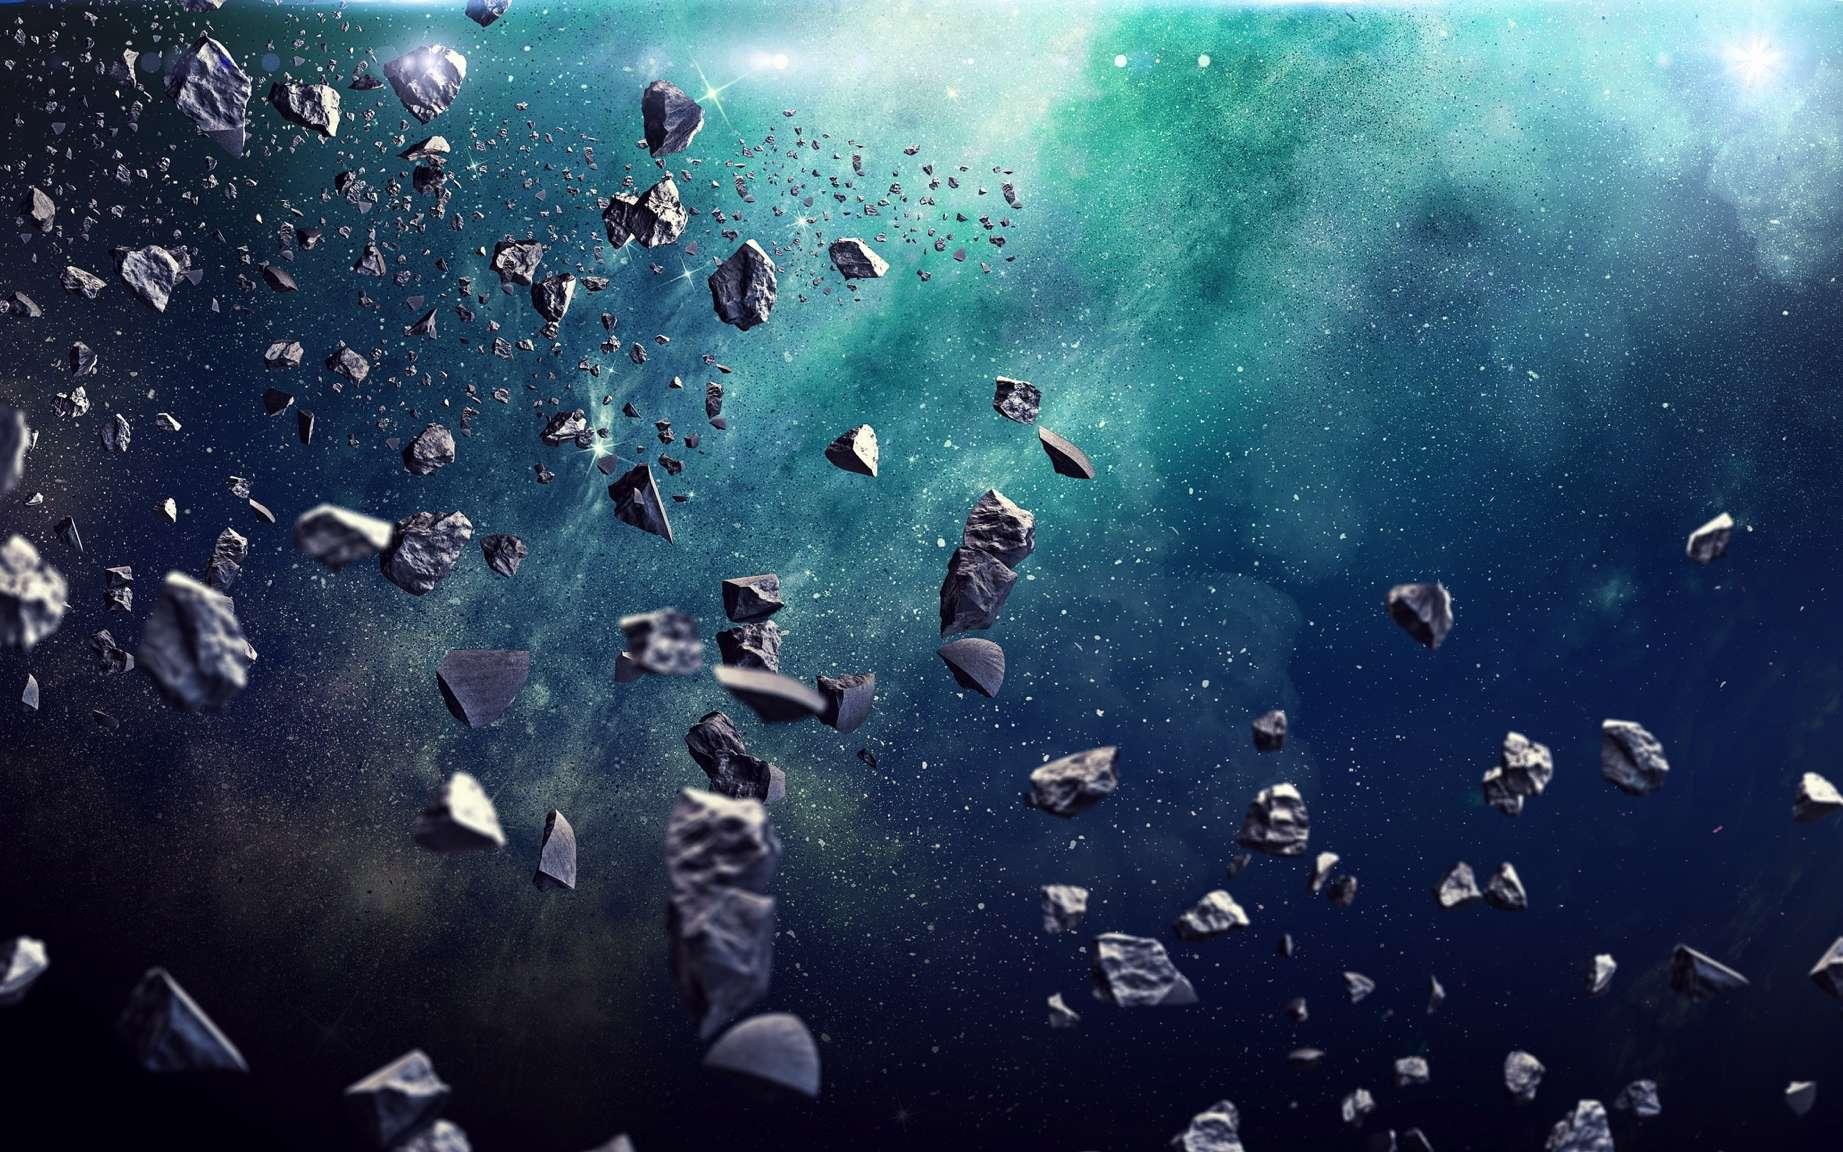 Soumis à l'effet Yorp, les astéroïdes tournent de plus en plus vite et finissent par se briser. © Sergey Nivens, Adobe stock